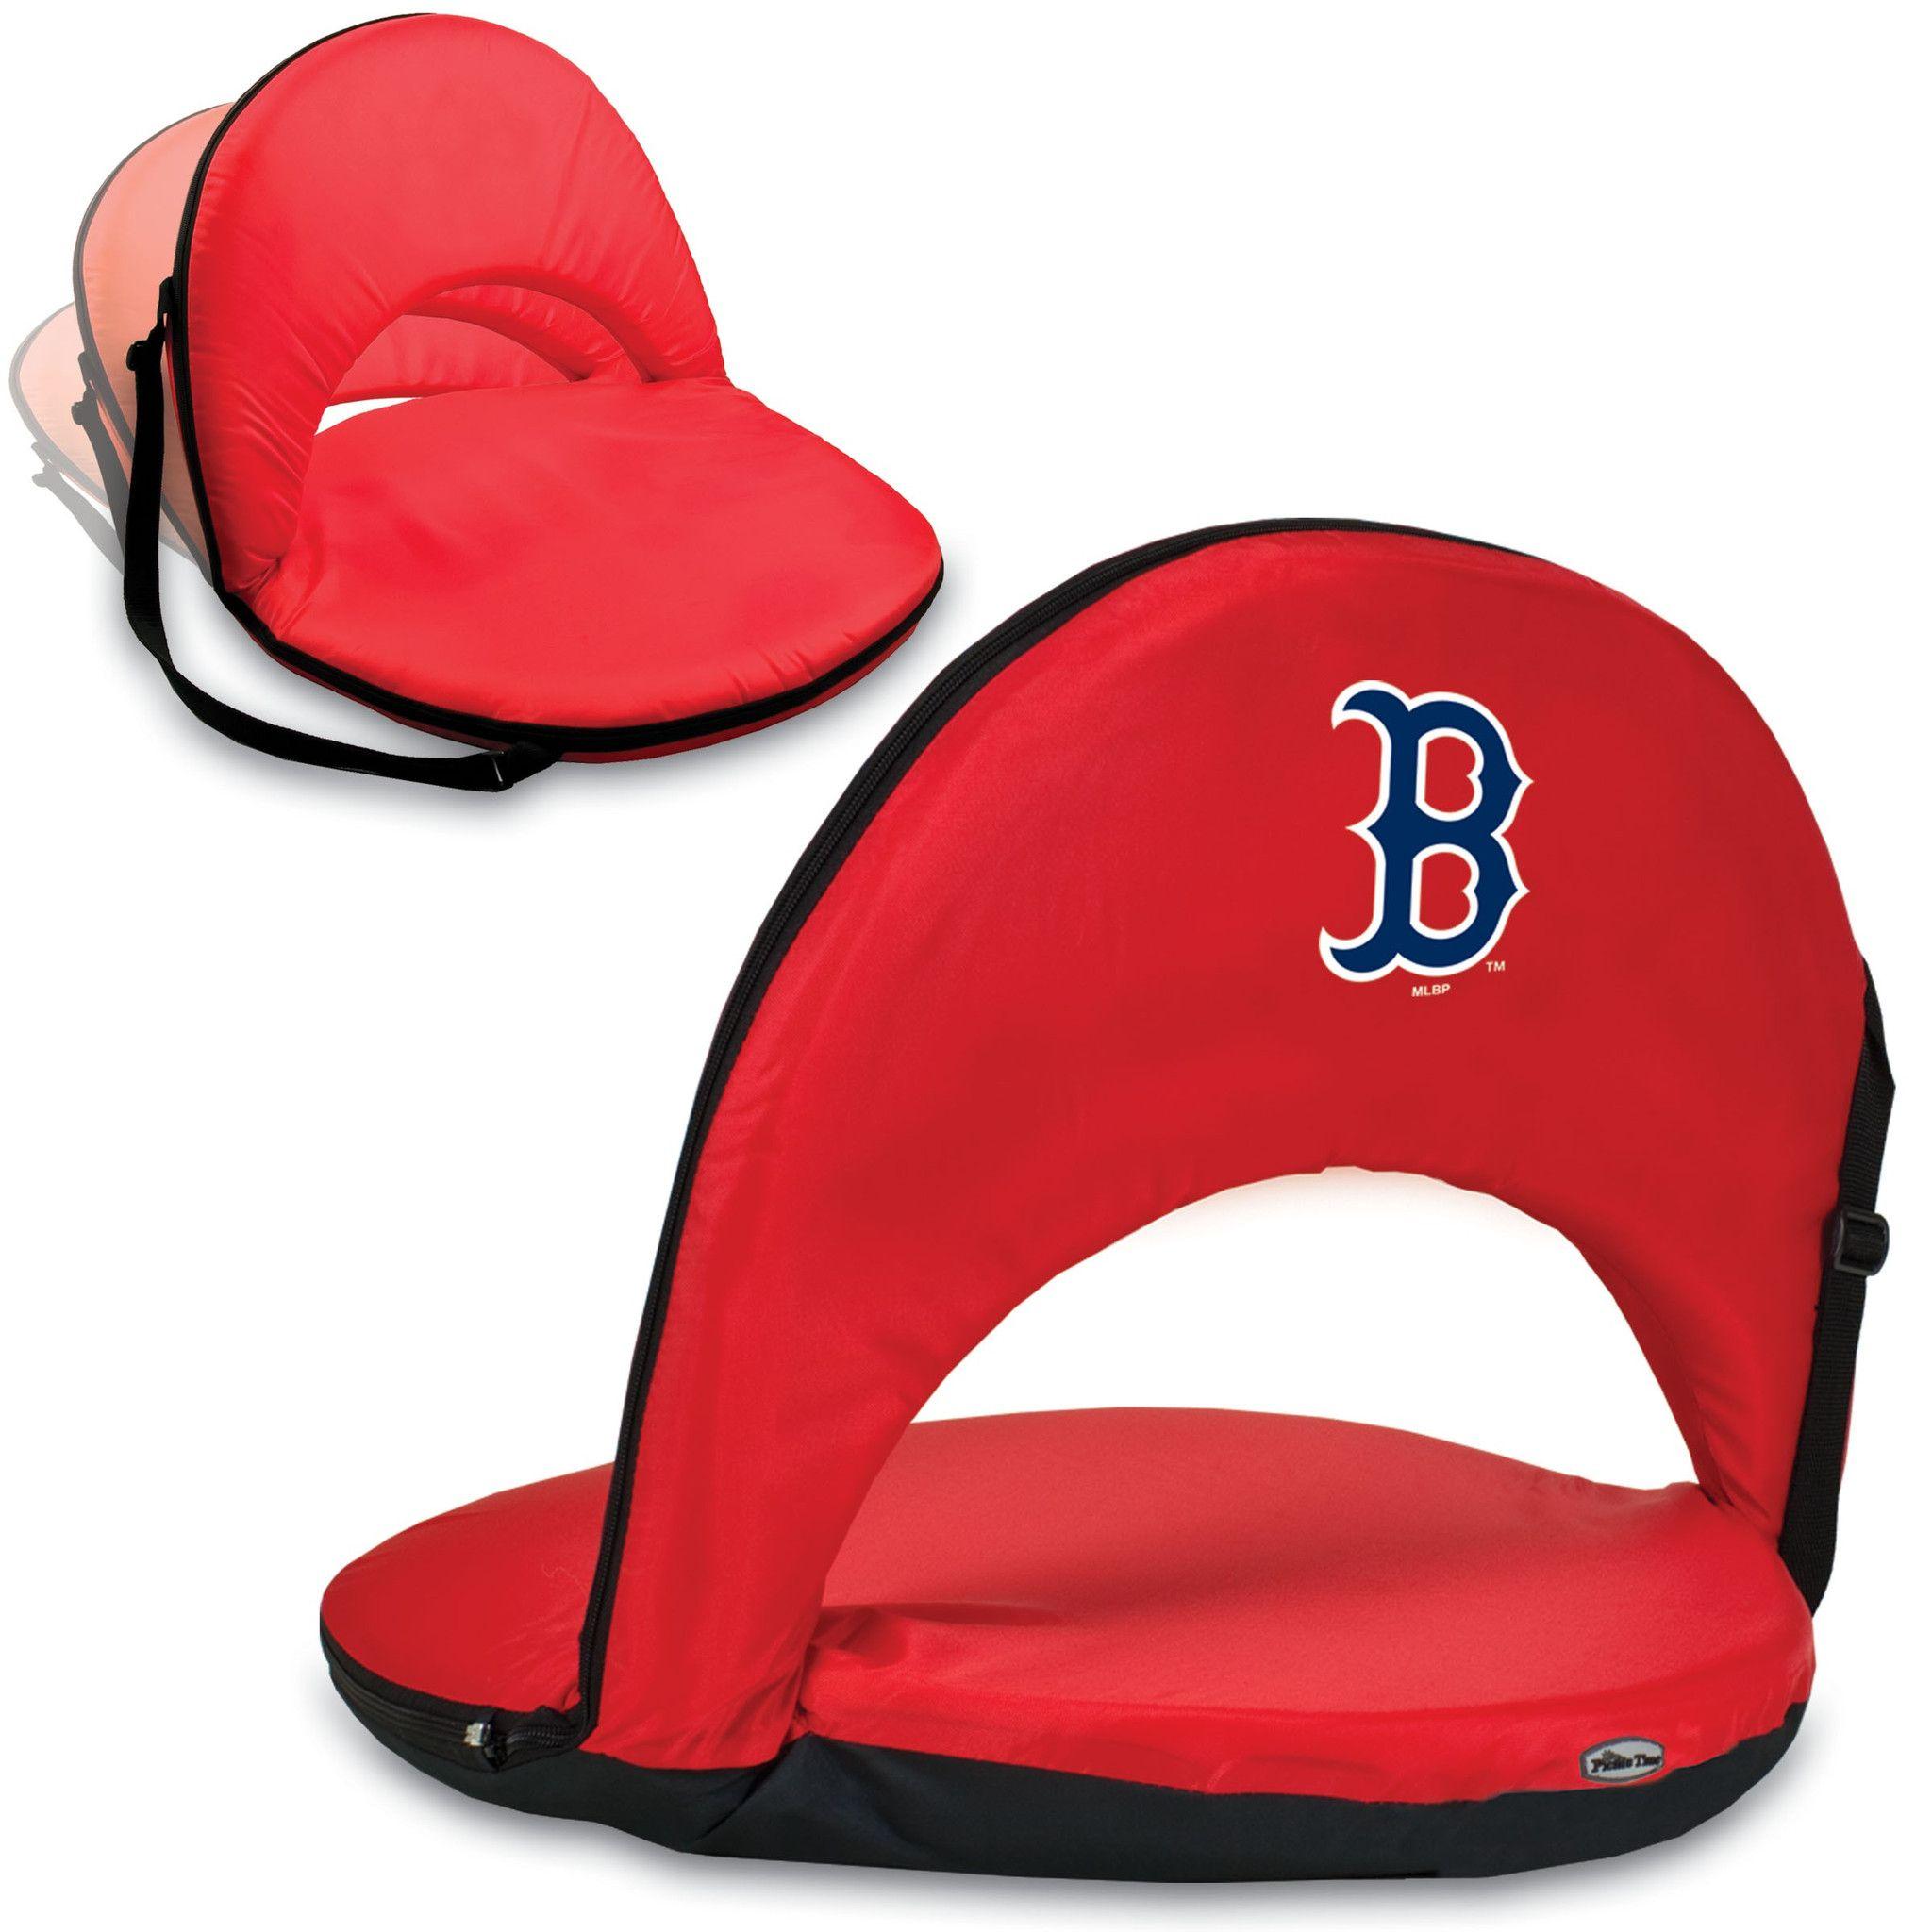 Terrific Boston Red Sox Stadium Seat Beach Chair Gaming Chair Machost Co Dining Chair Design Ideas Machostcouk